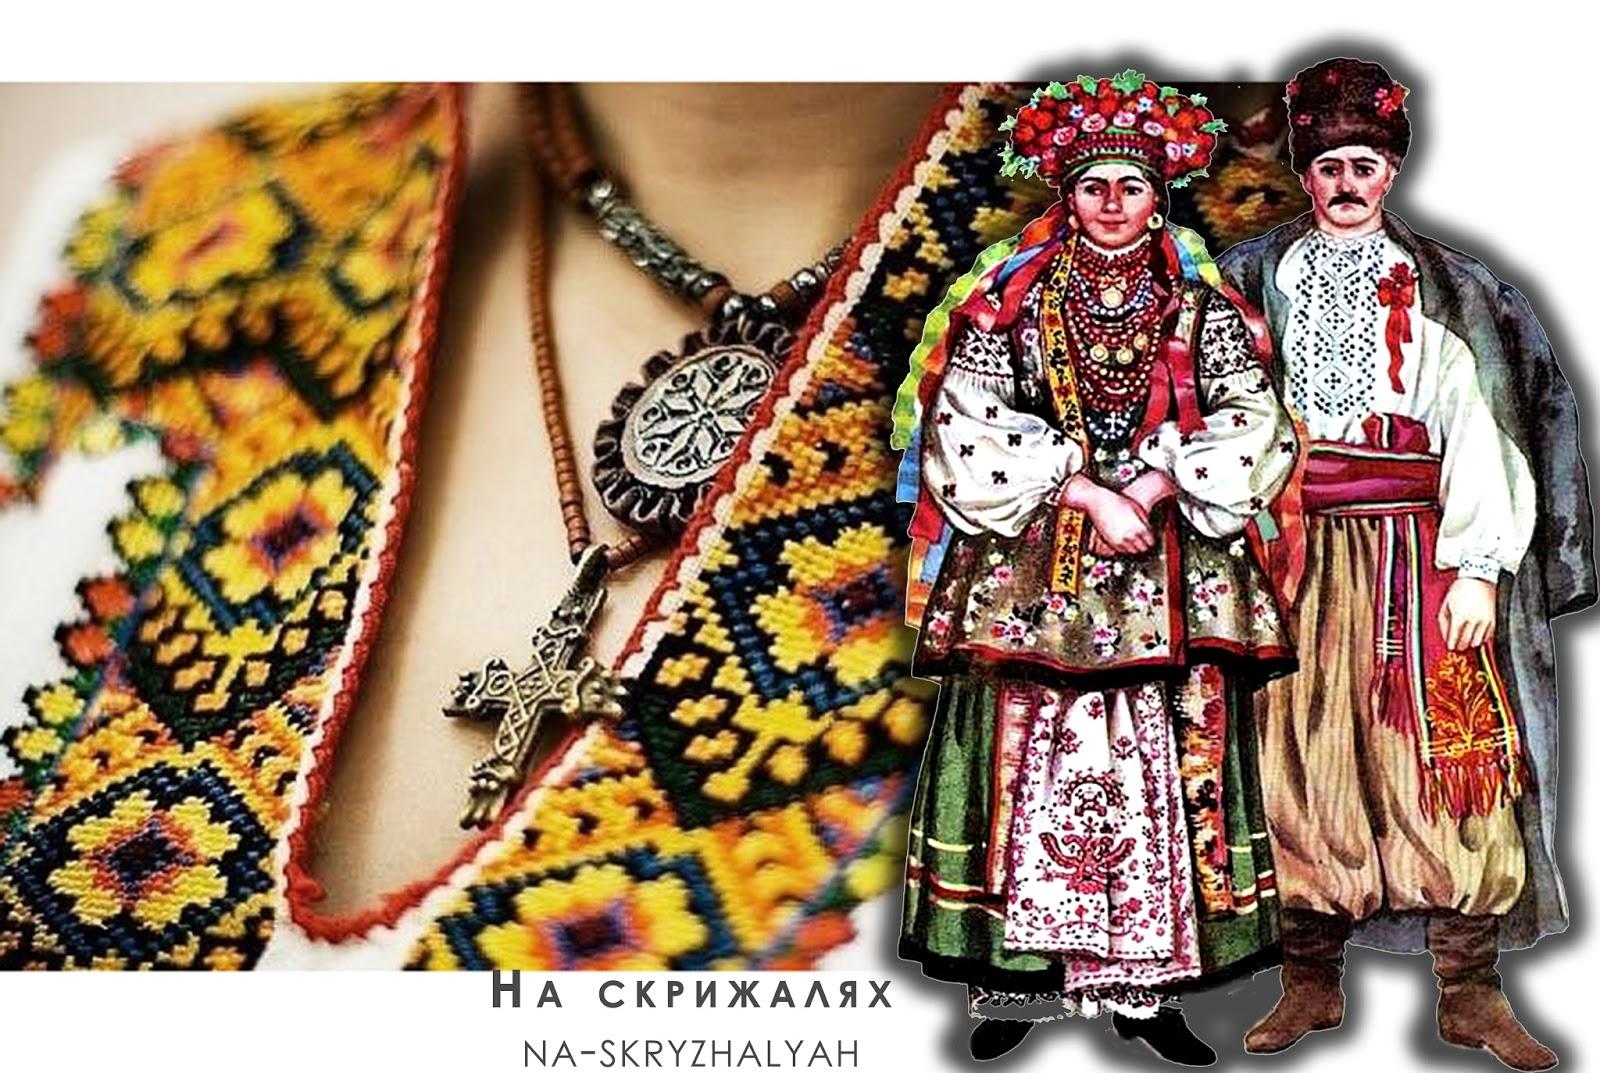 Українська вишиванка  історія та легенди - На скрижалях d18e5b8381c14